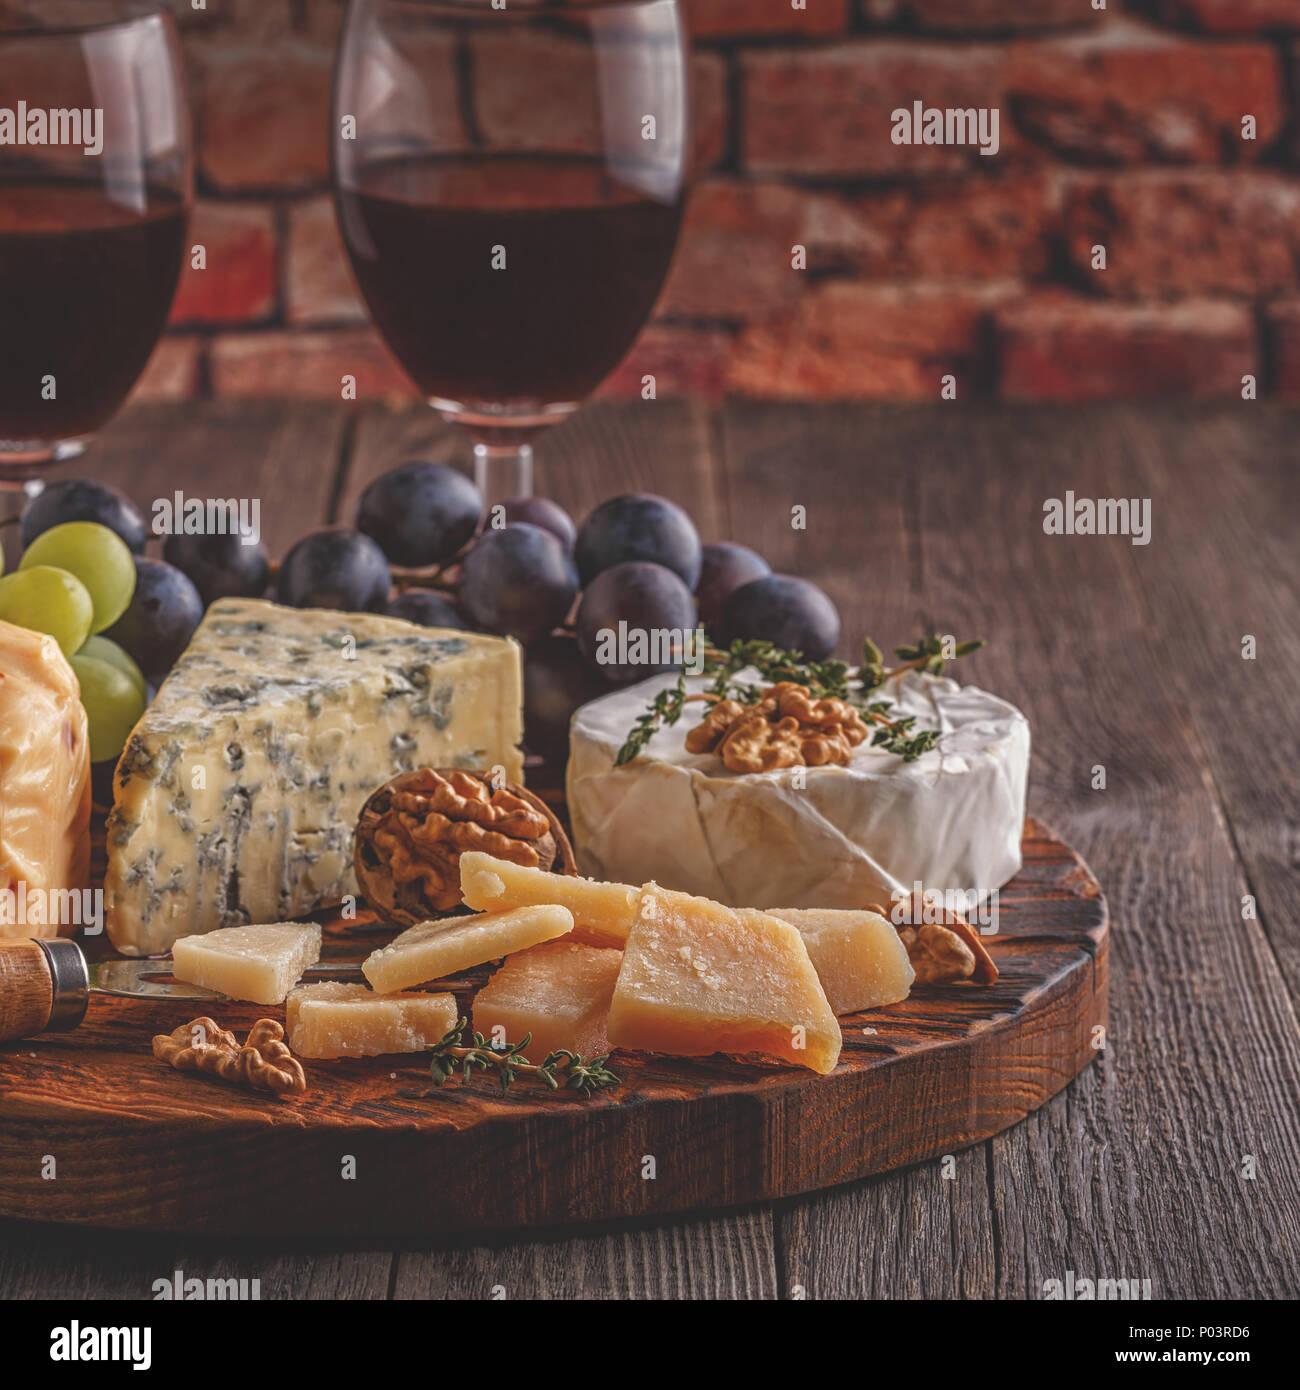 Le fromage, les noix, les raisins et le vin rouge sur fond de bois, selective focus. Photo Stock